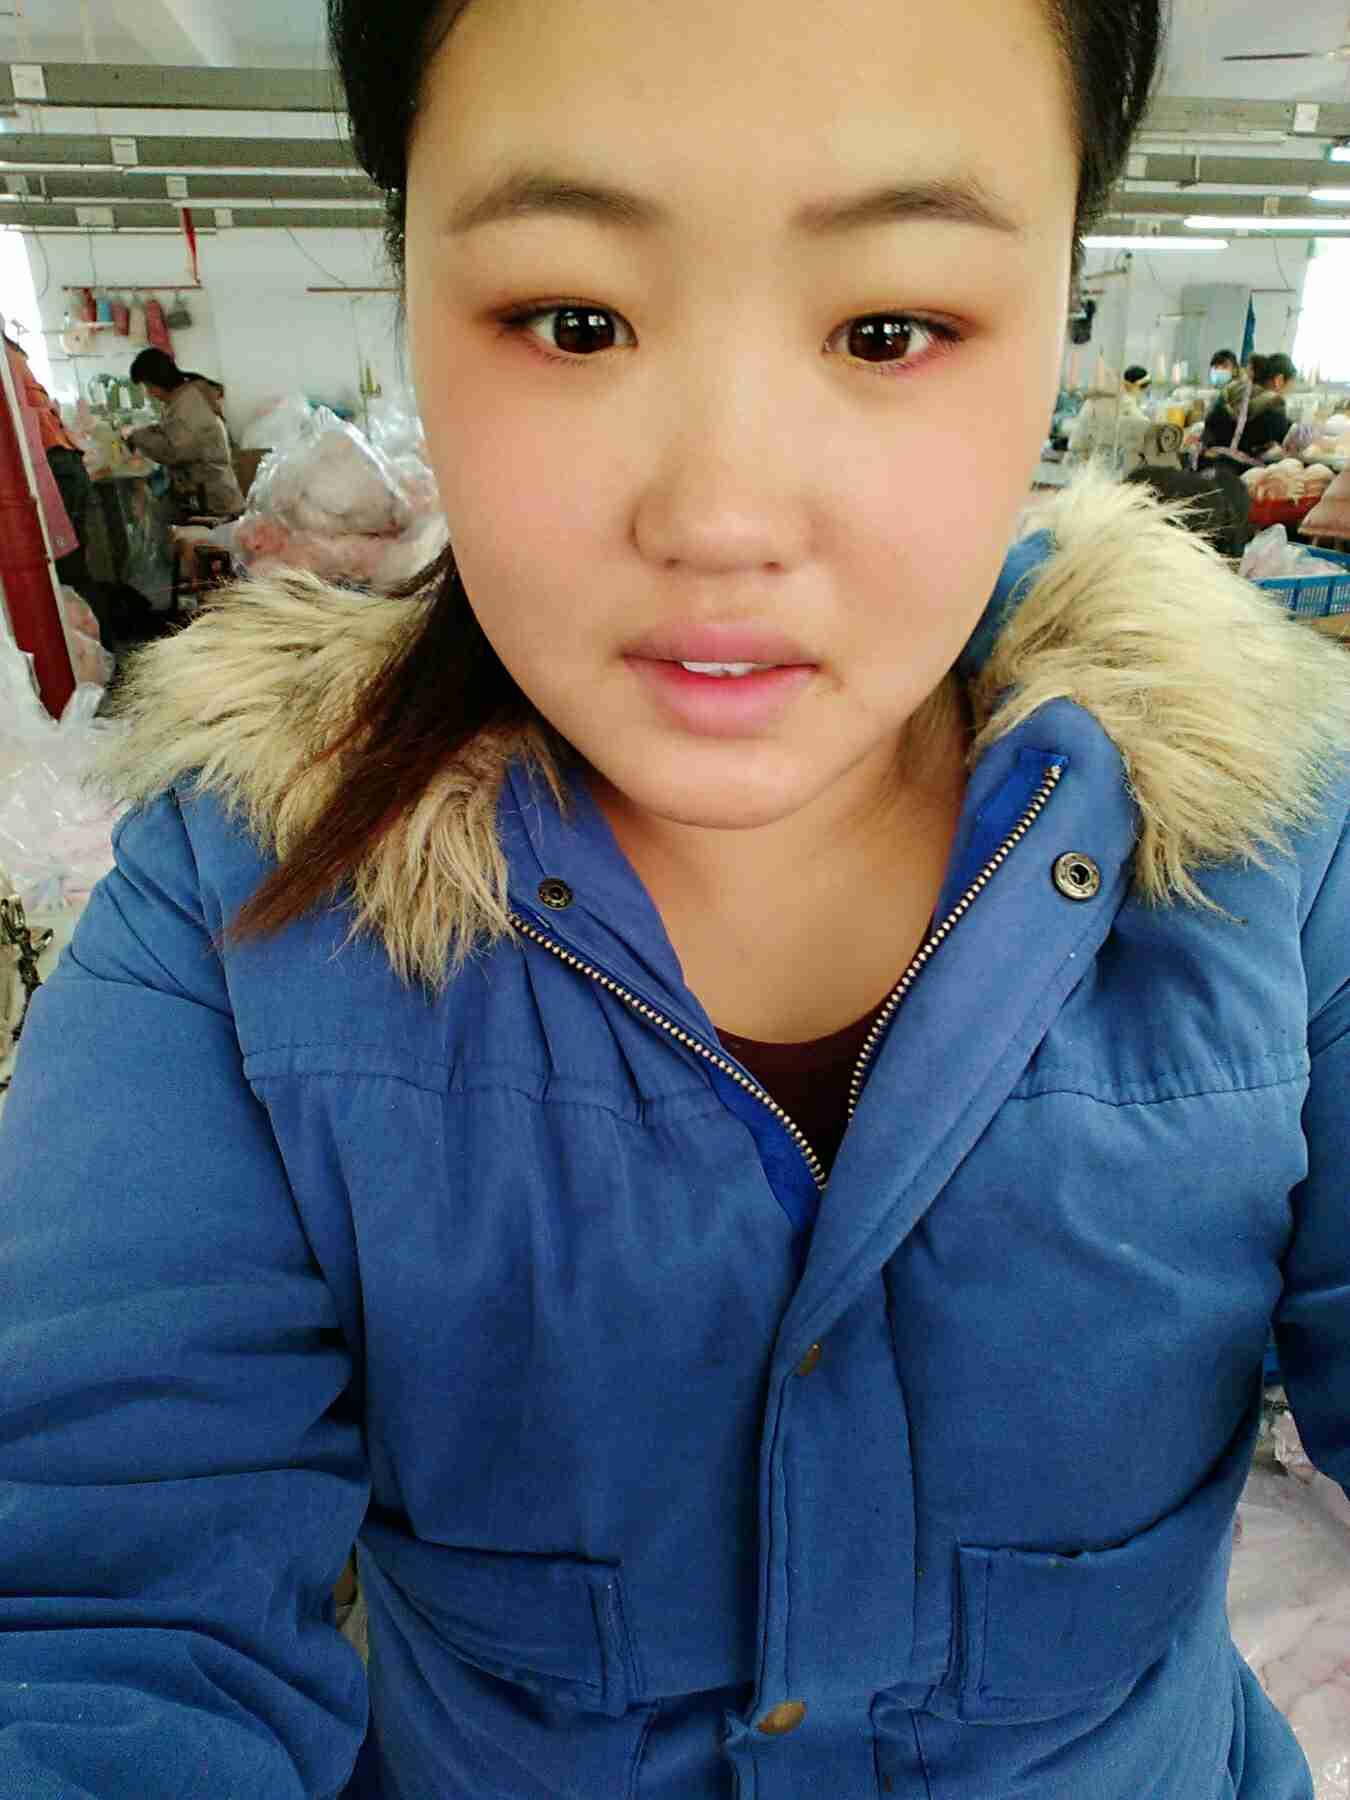 想做鼻综合手术,据说逆袭变美都靠它!脸上的额脂肪看起来还是满满的,这个比较满意。